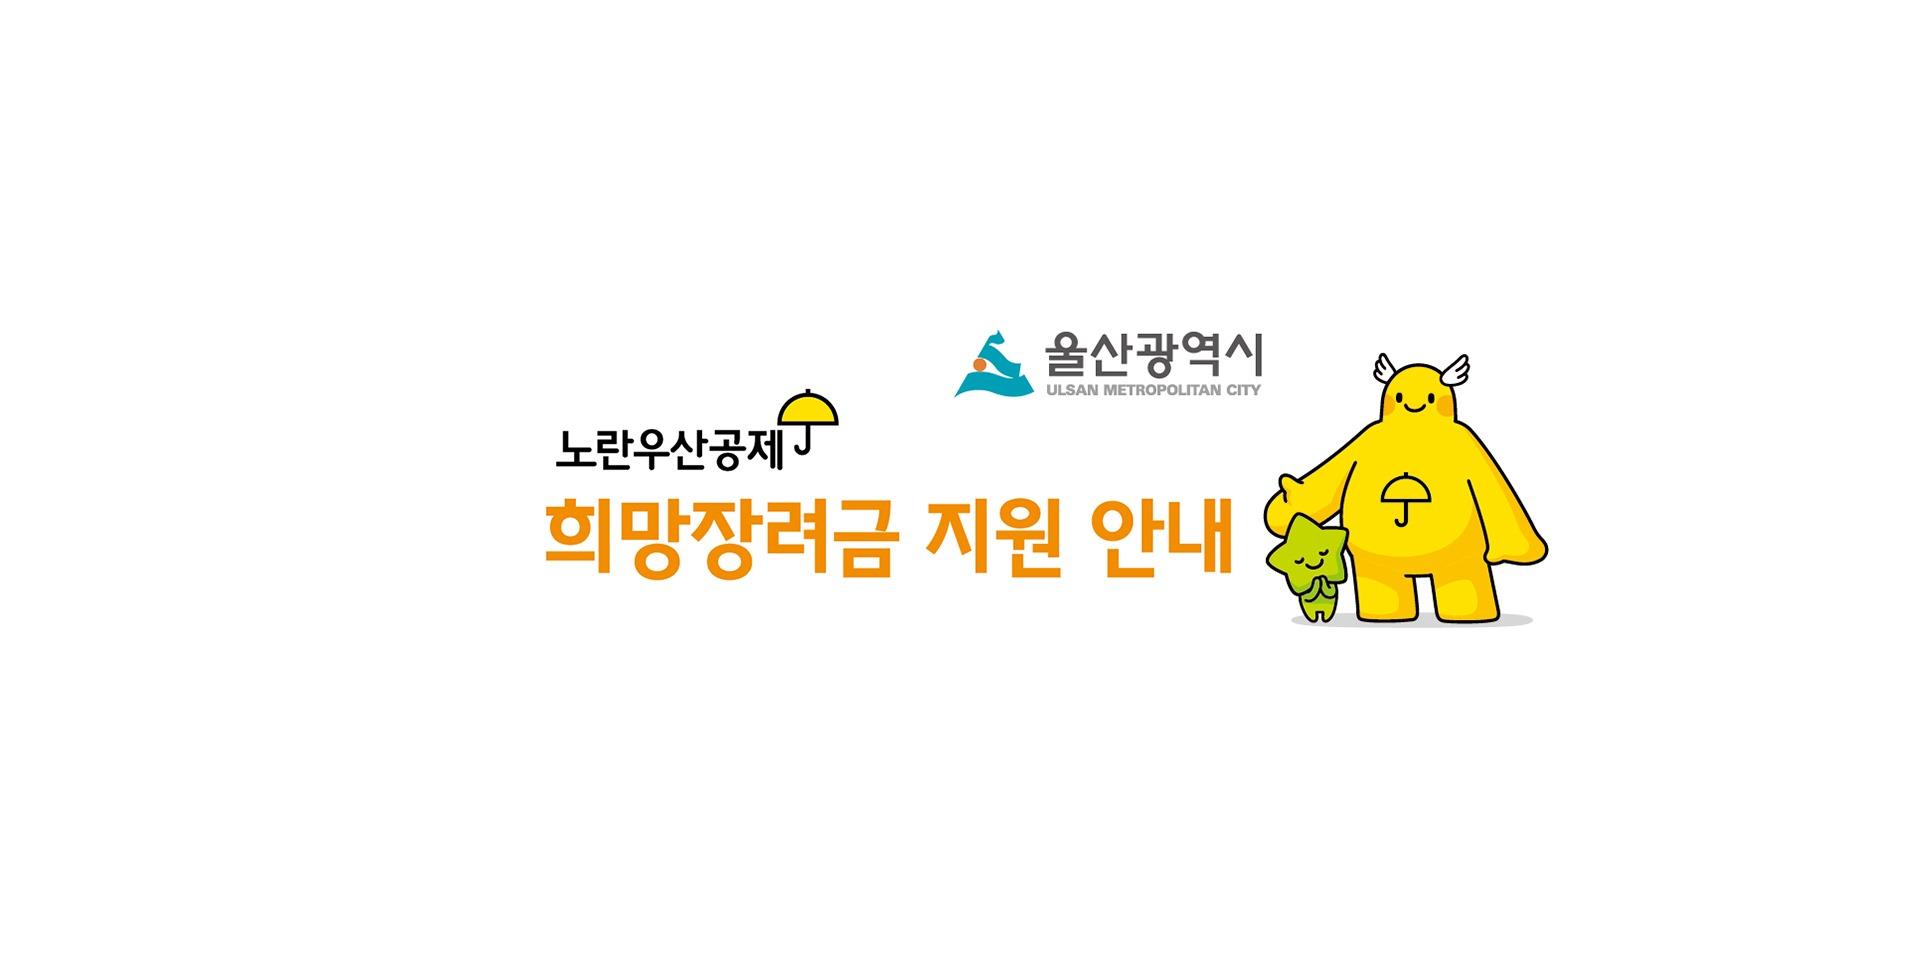 울산광역시 노란우산공제 희망장려금 지원사업